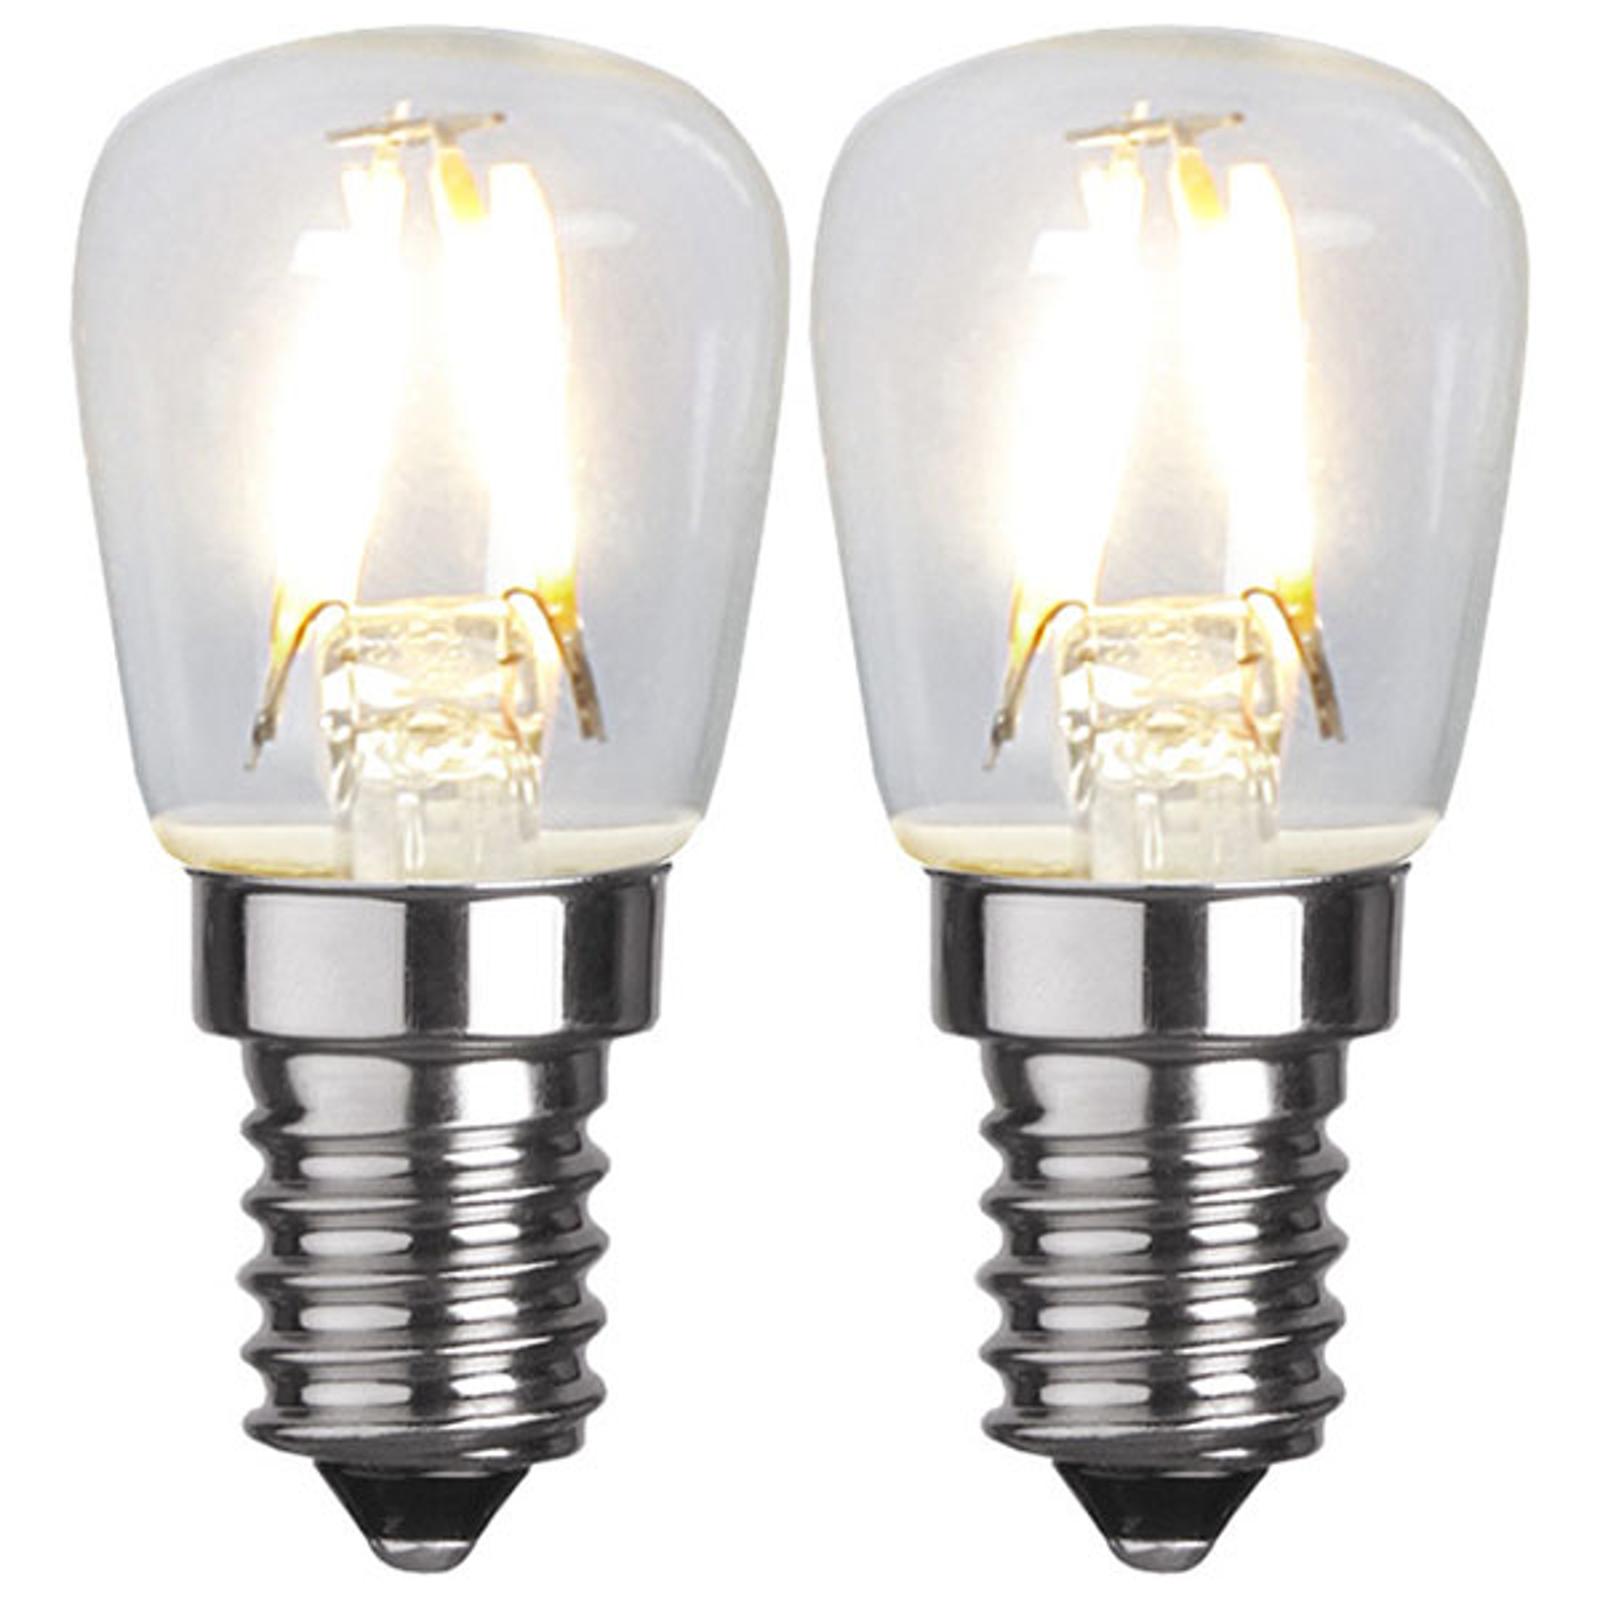 LED-Lampe E14 T26 1,3W 2.700K Filament 2er-Set